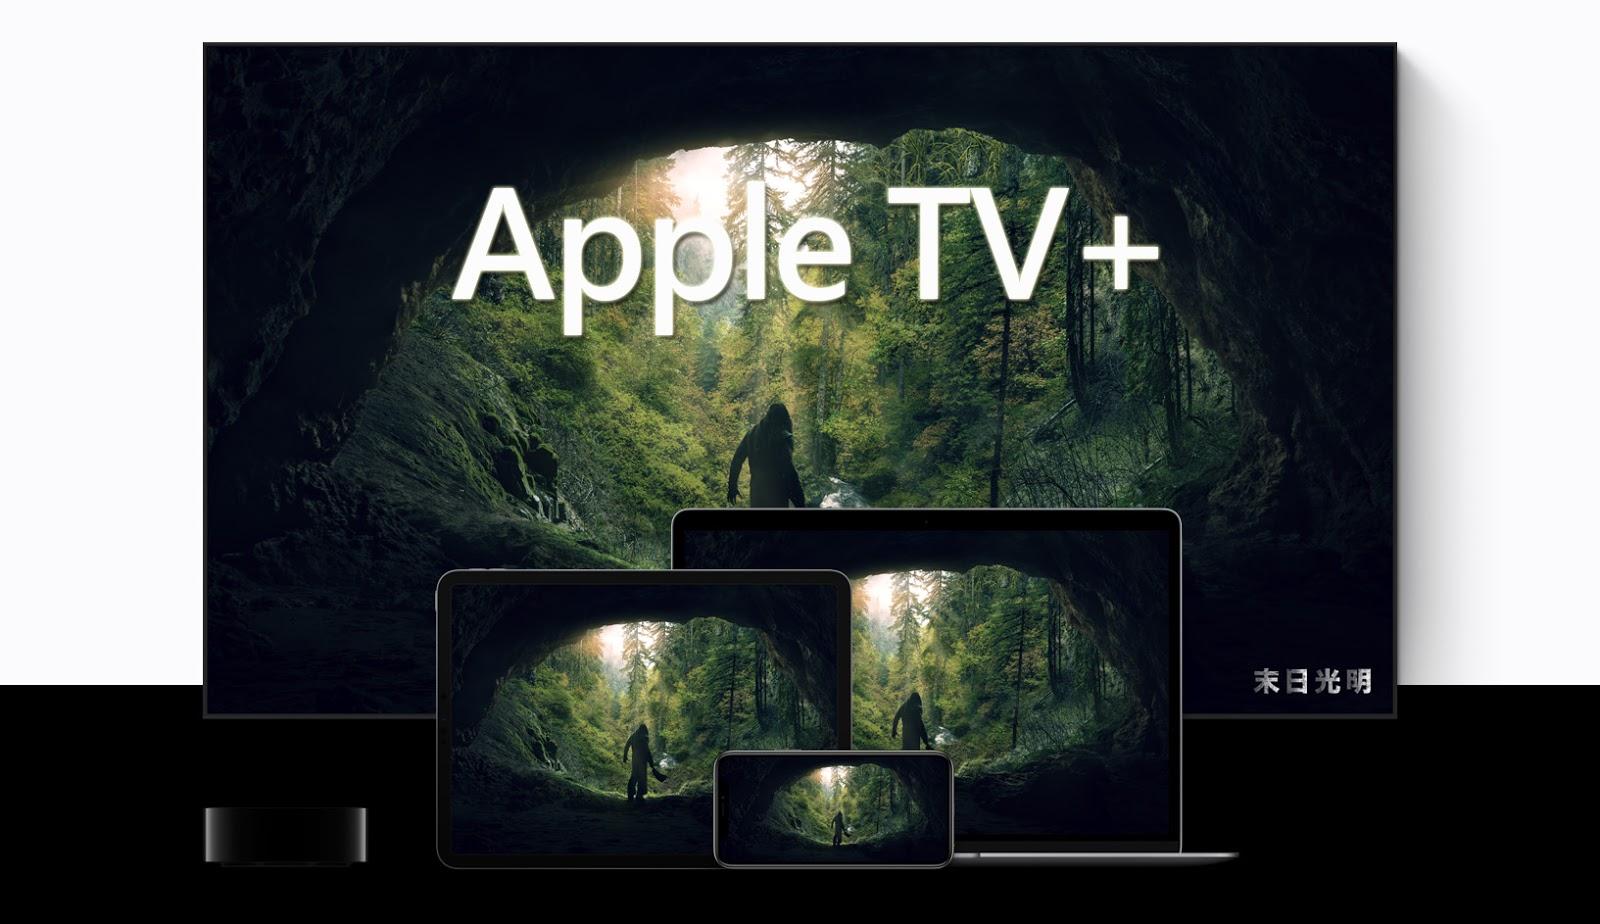 apple-tv-plus-taiwan-price